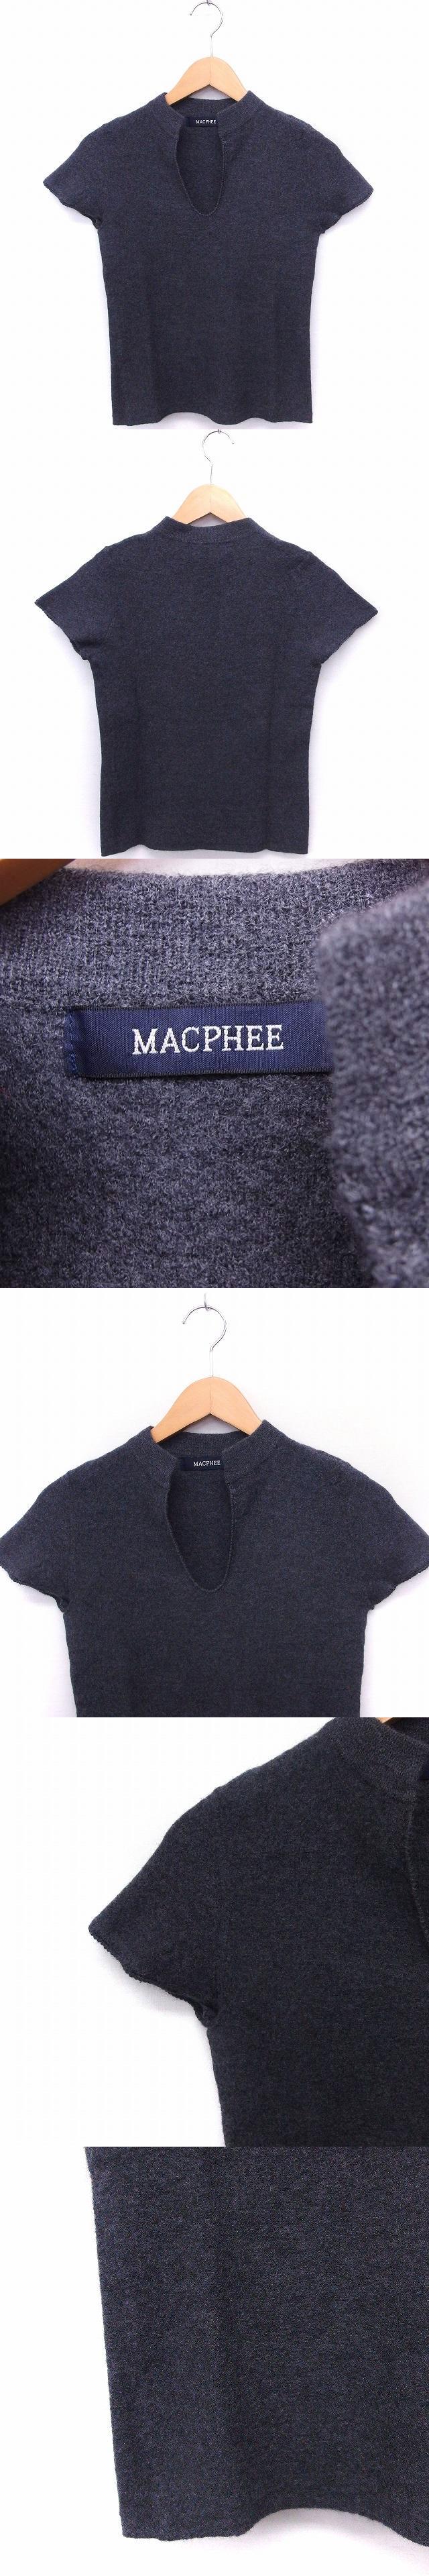 ニット セーター Vネック 半袖 無地 シンプル ウール グレー 灰 /FT17